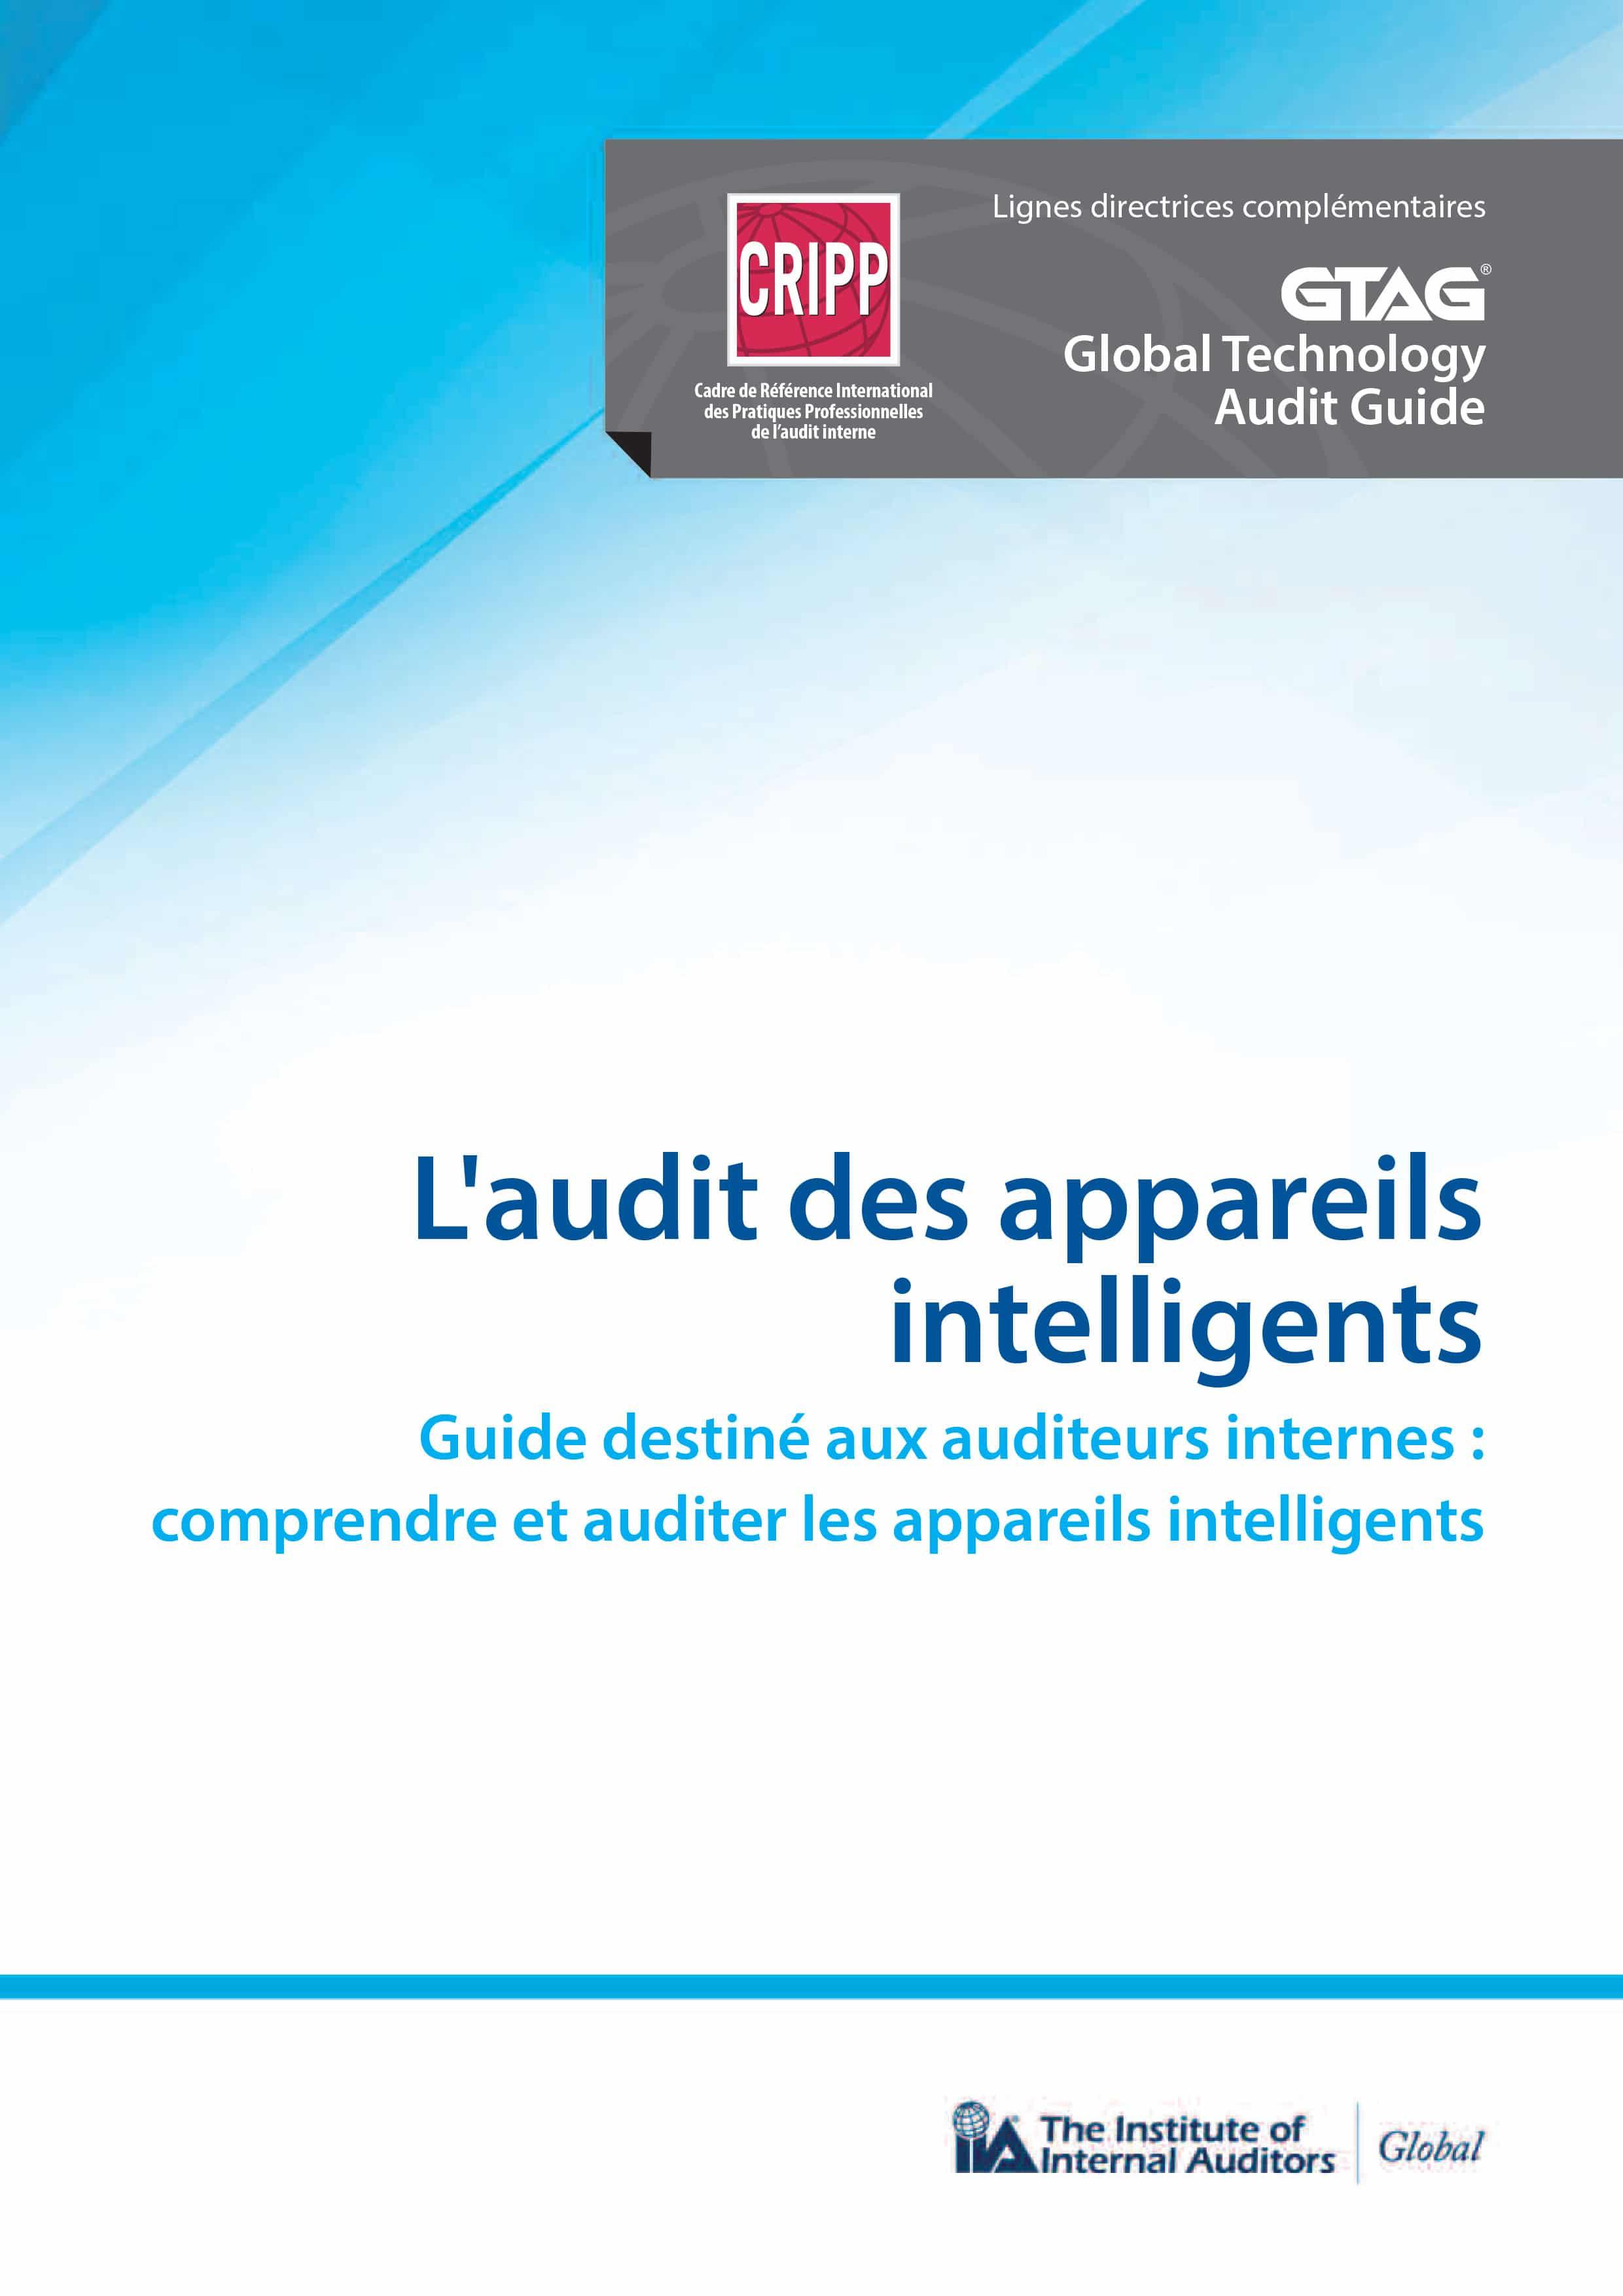 GTAG : L'audit des appareils intelligents : comprendre et auditer les appareils intelligents